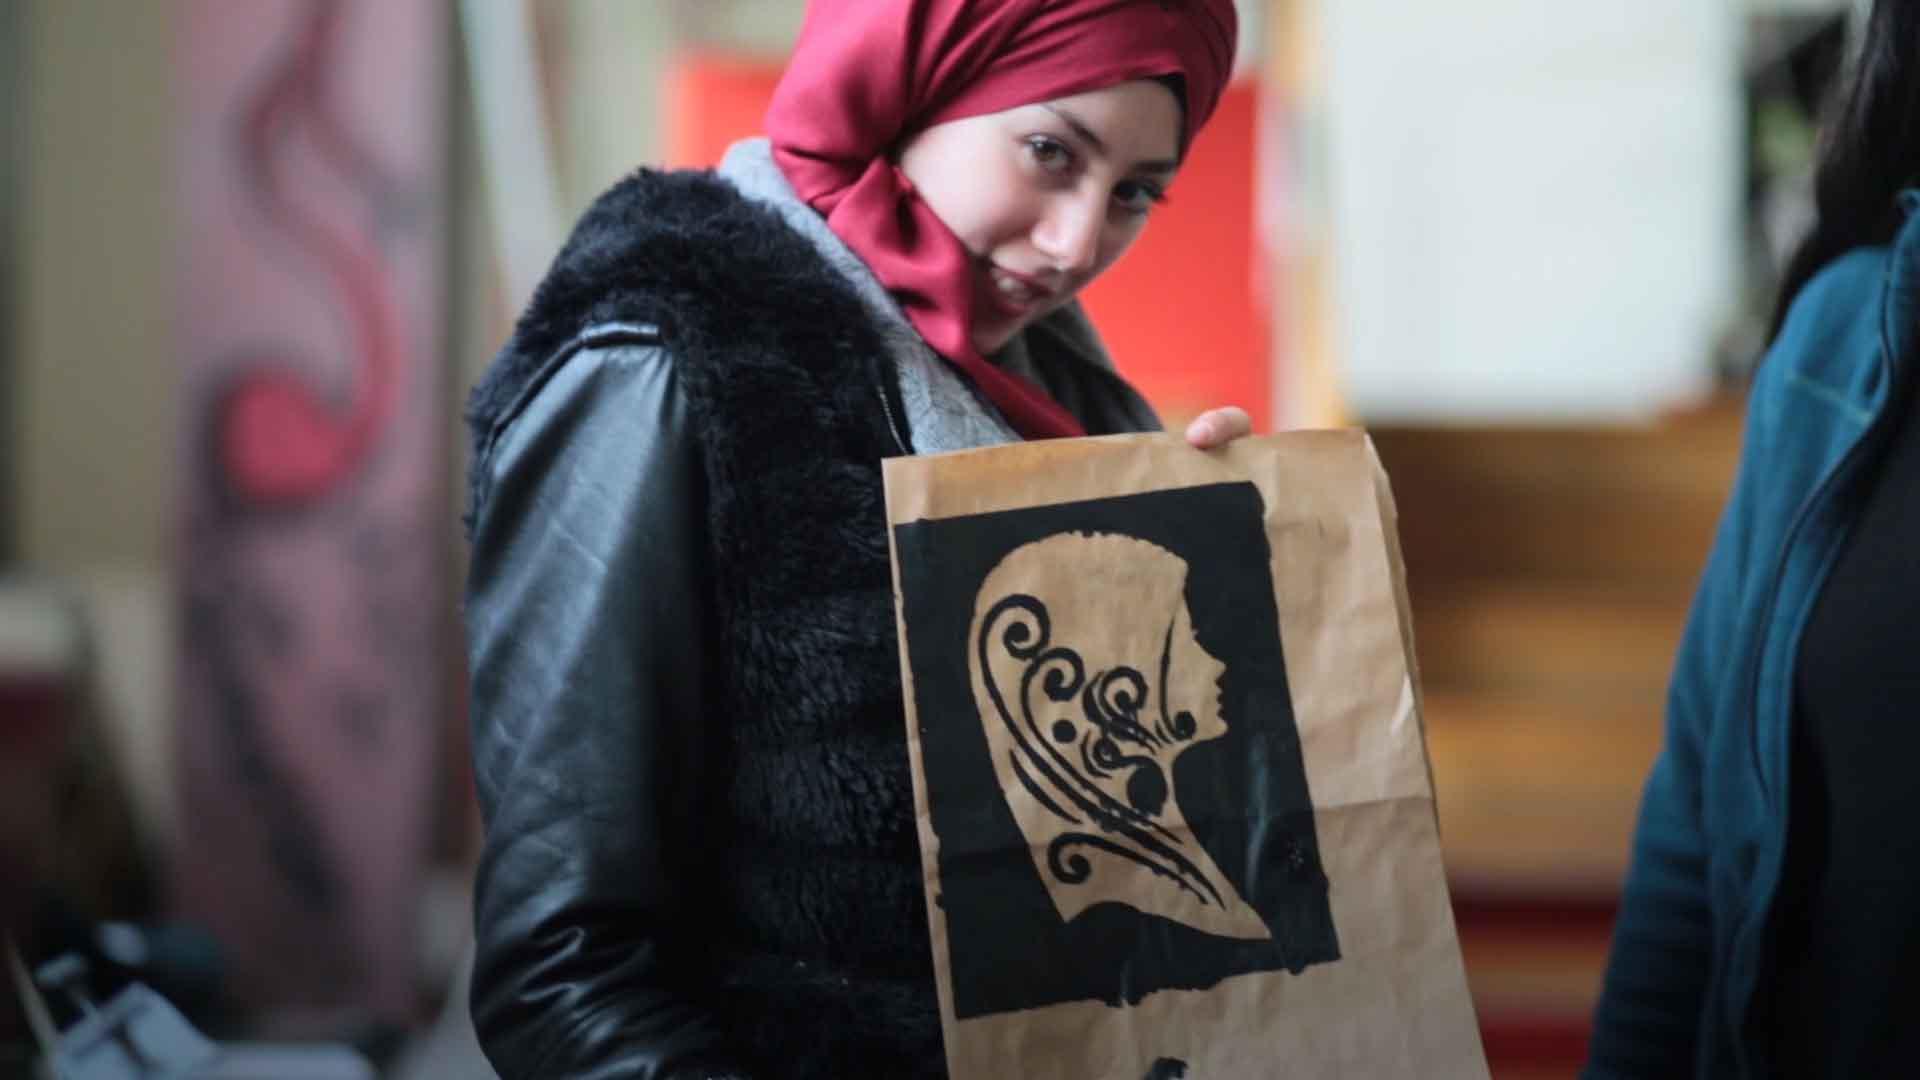 Mujer, inmigrante y feminista: la revolución en una camiseta